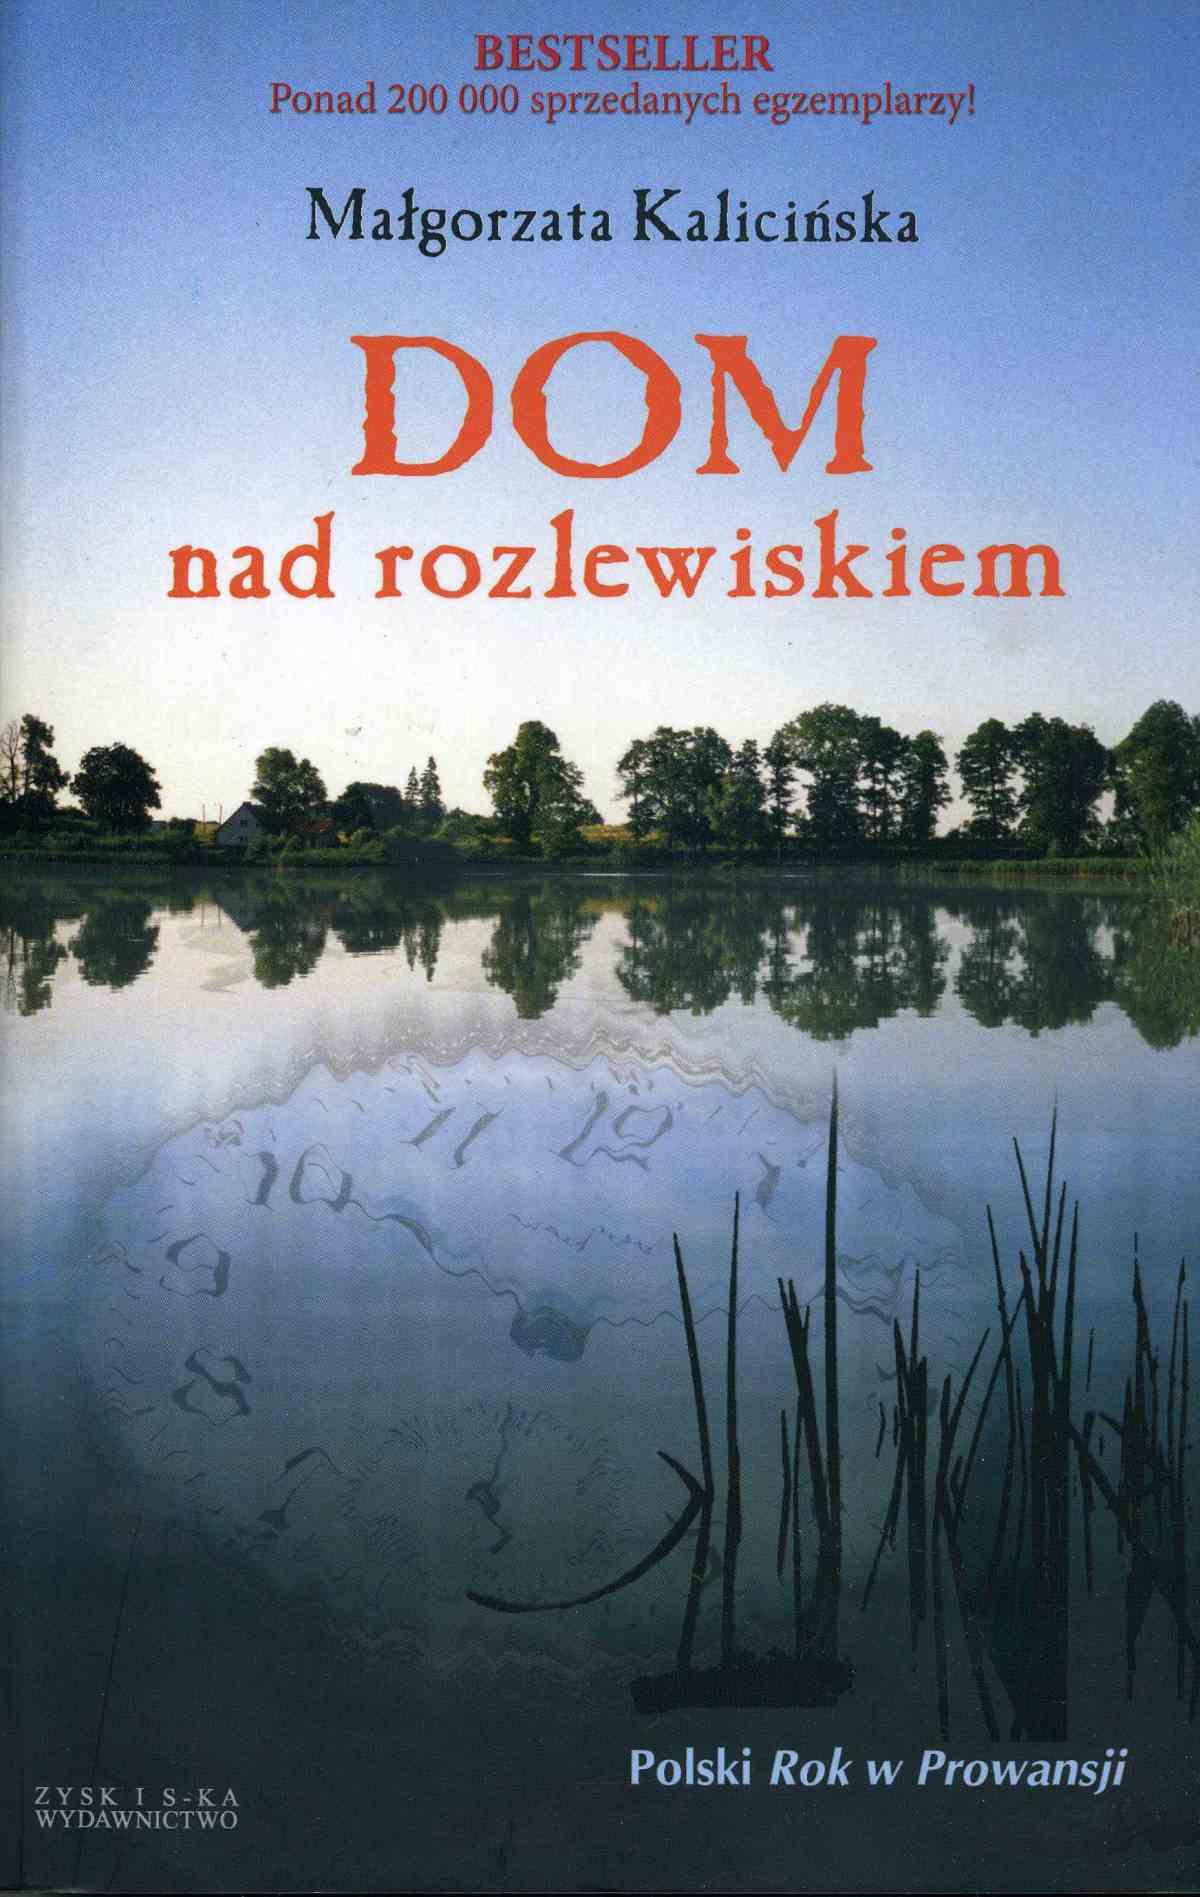 Dom nad rozlewiskiem - Ebook (Książka EPUB) do pobrania w formacie EPUB